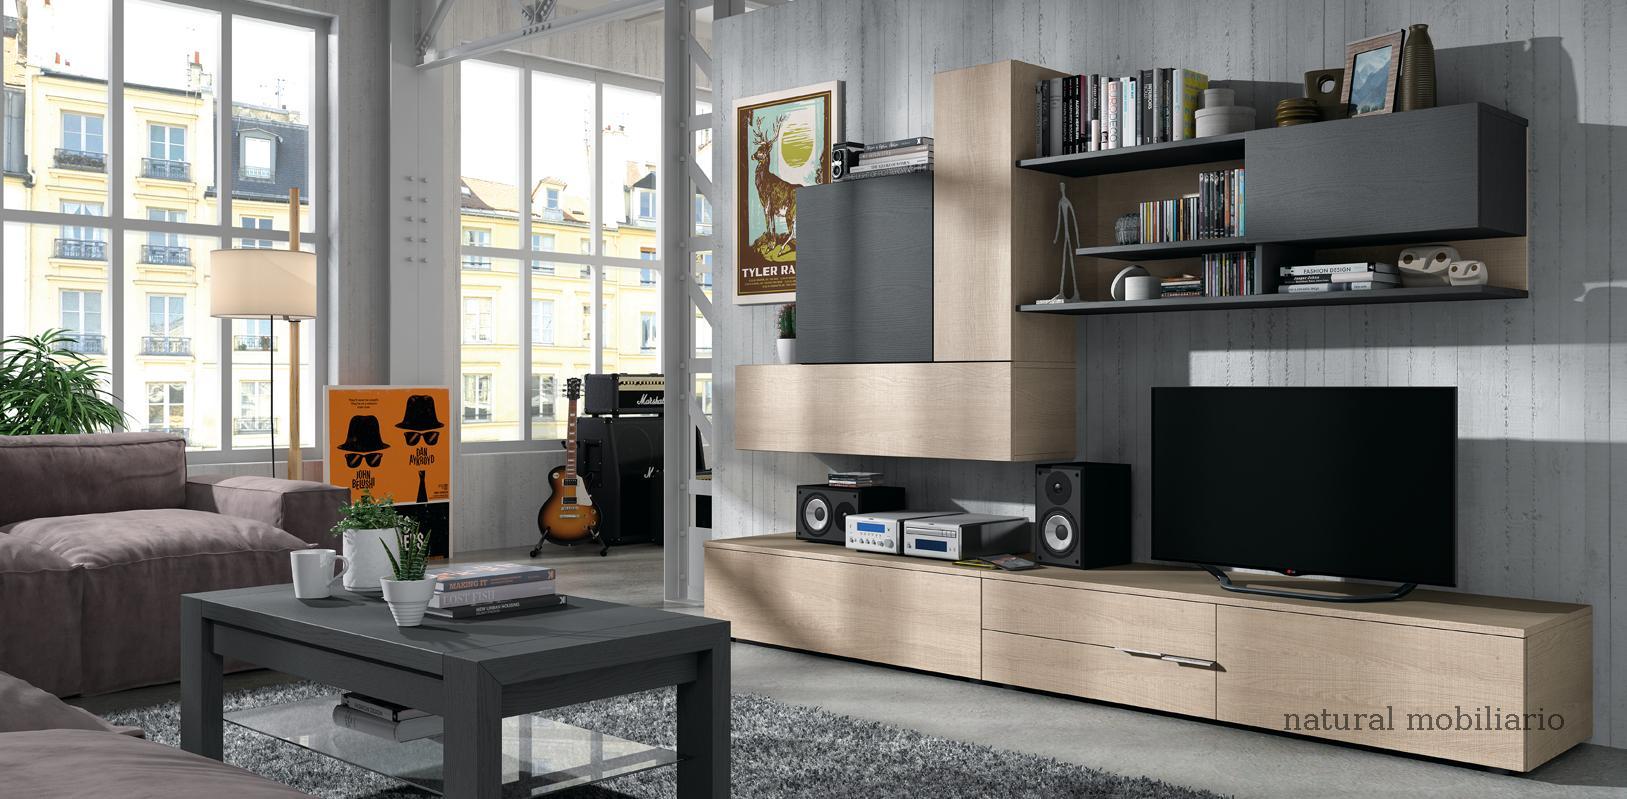 Muebles Modernos chapa sint�tica/lacados salon moderno1-96rosa610